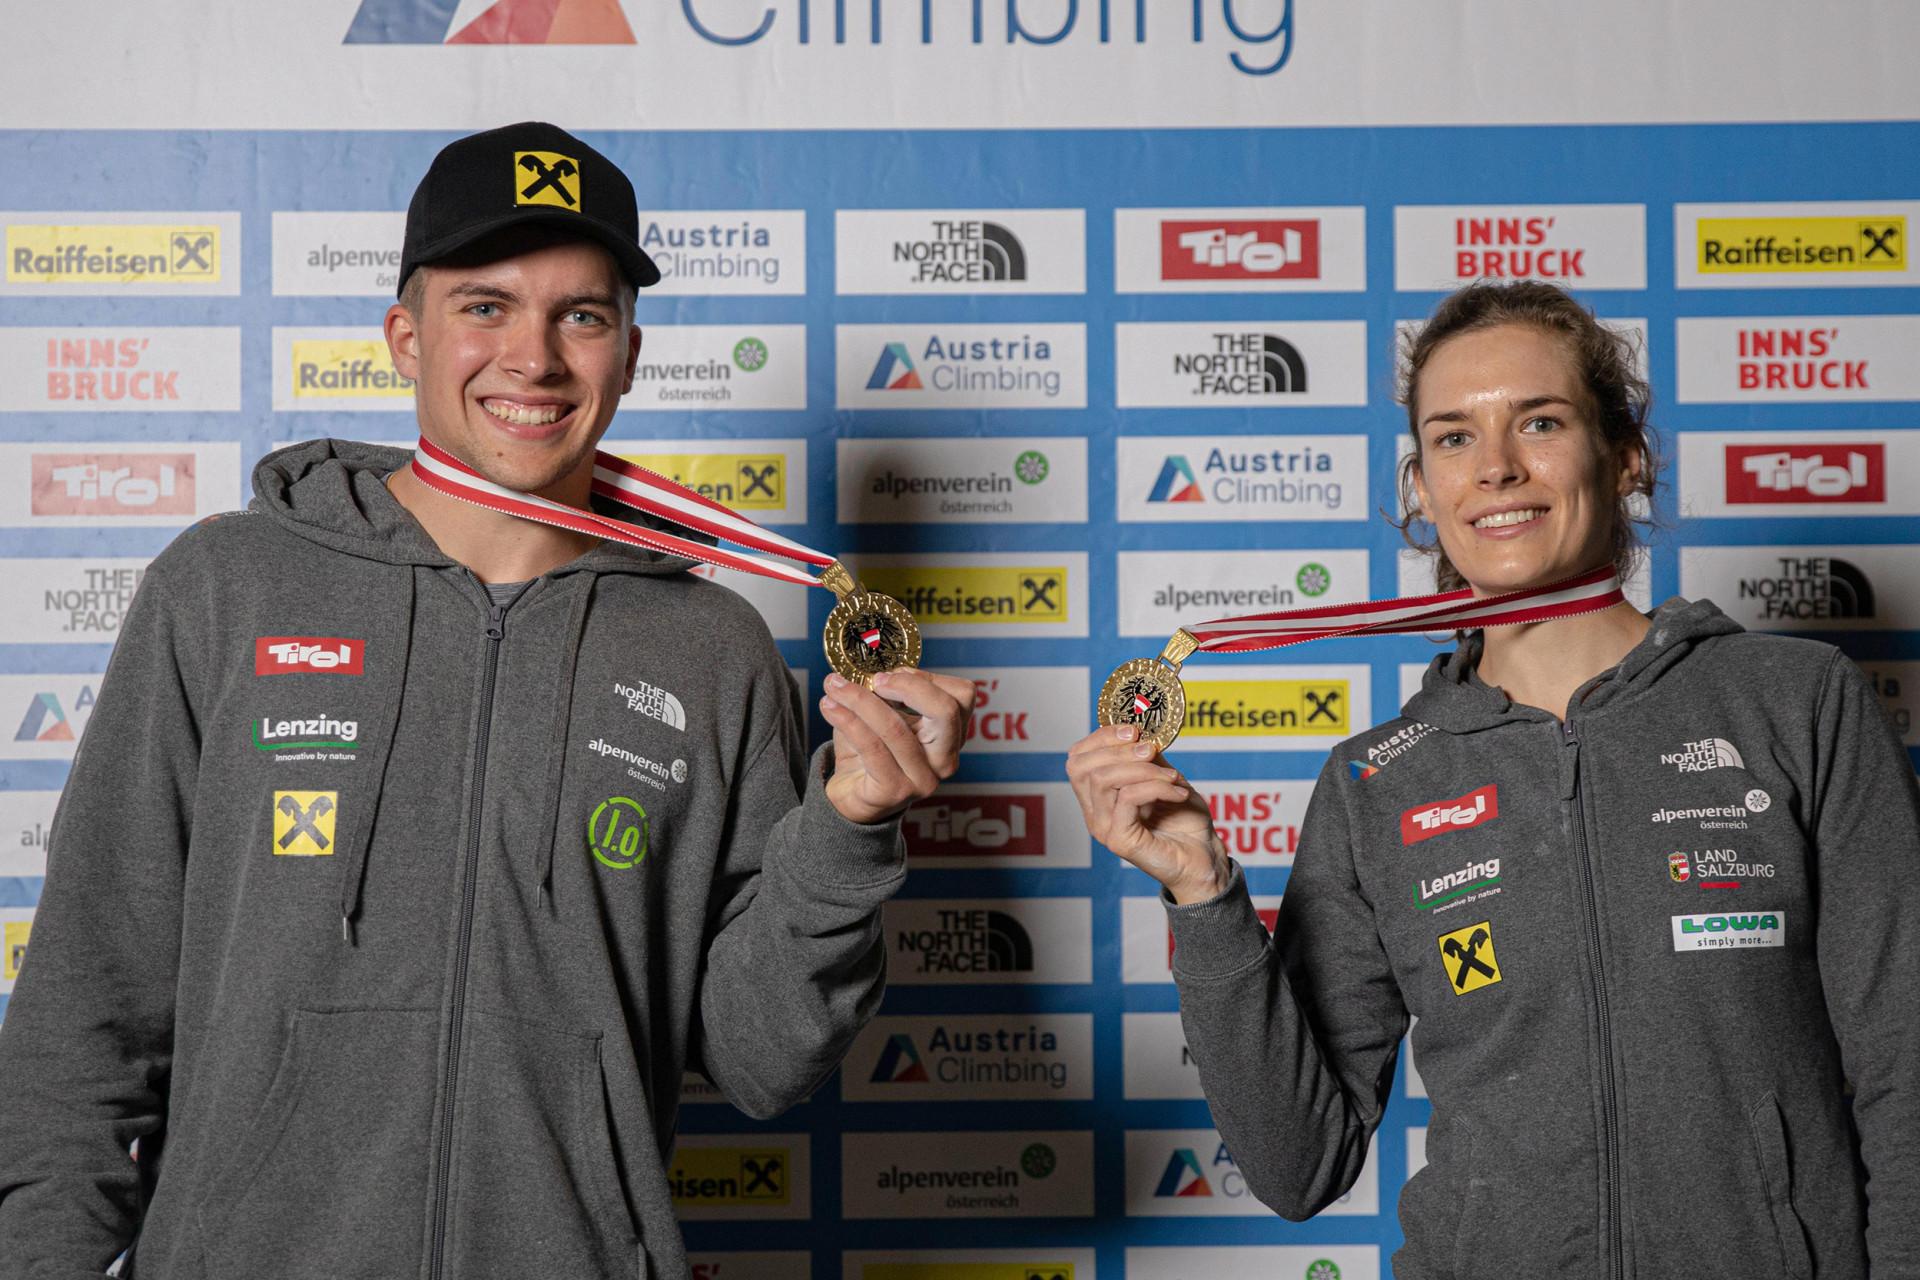 Österreichische Staatsmeisterschaften im Sportklettern - Austria Climbing Summer Series 2020 | 23-26 September 2020 - Innsbruck (AUT) | im Bild: Alexandra Elmer und Tobias Plangger